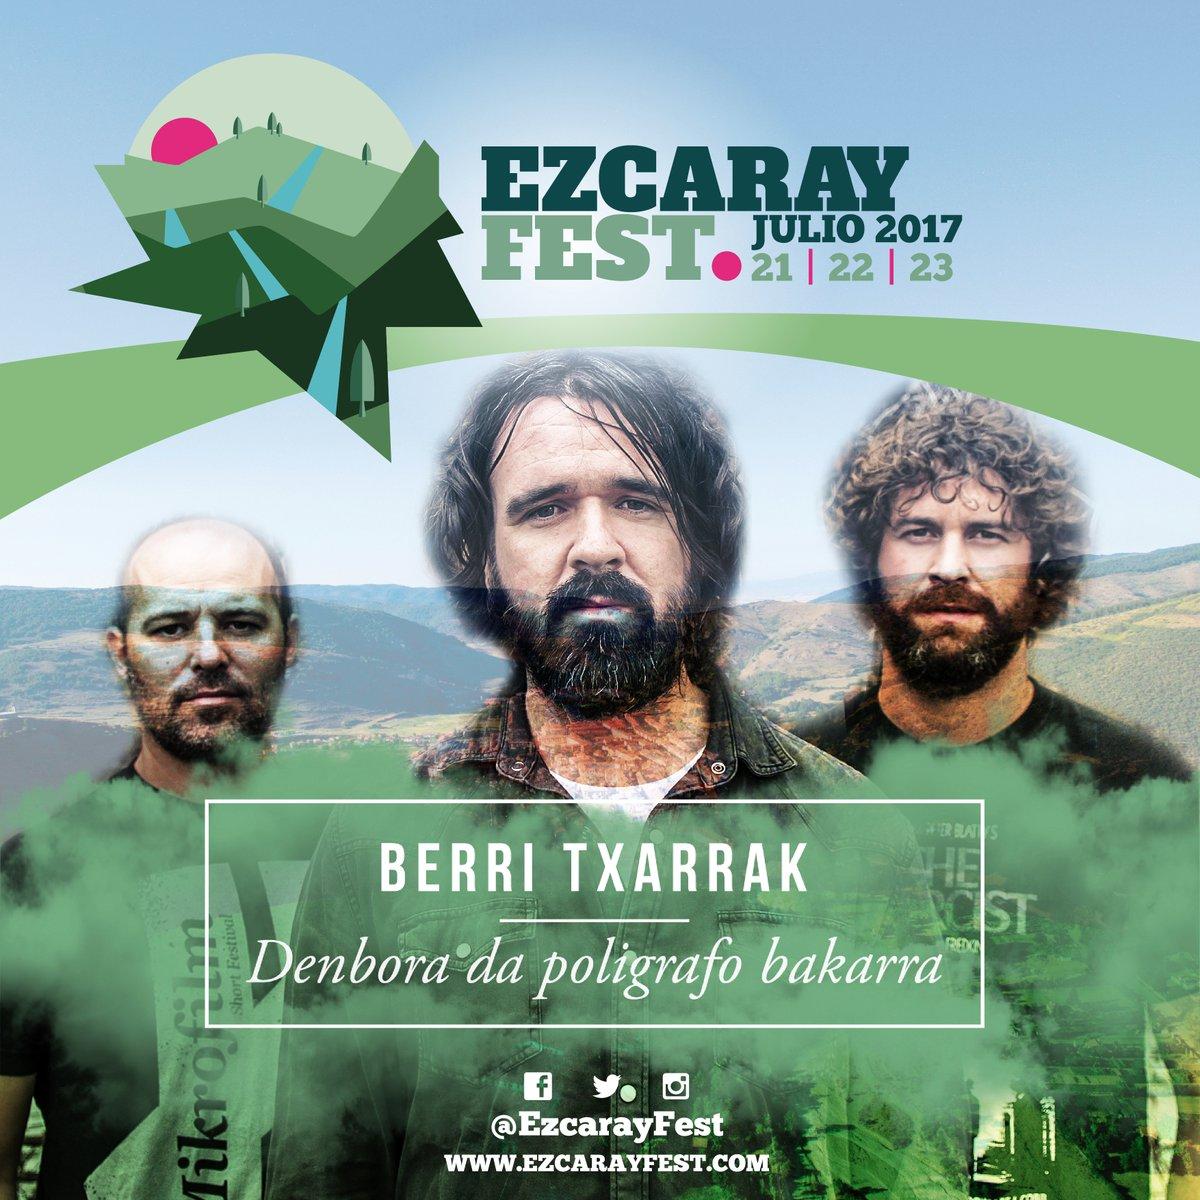 Rock Land Fest 2020: 17, 18 y 19 de julio. Antiguo Ezcaray Fest. Santo Domingo de La Calzada. El Drogas Berri-txarrak-ezcaray-fest